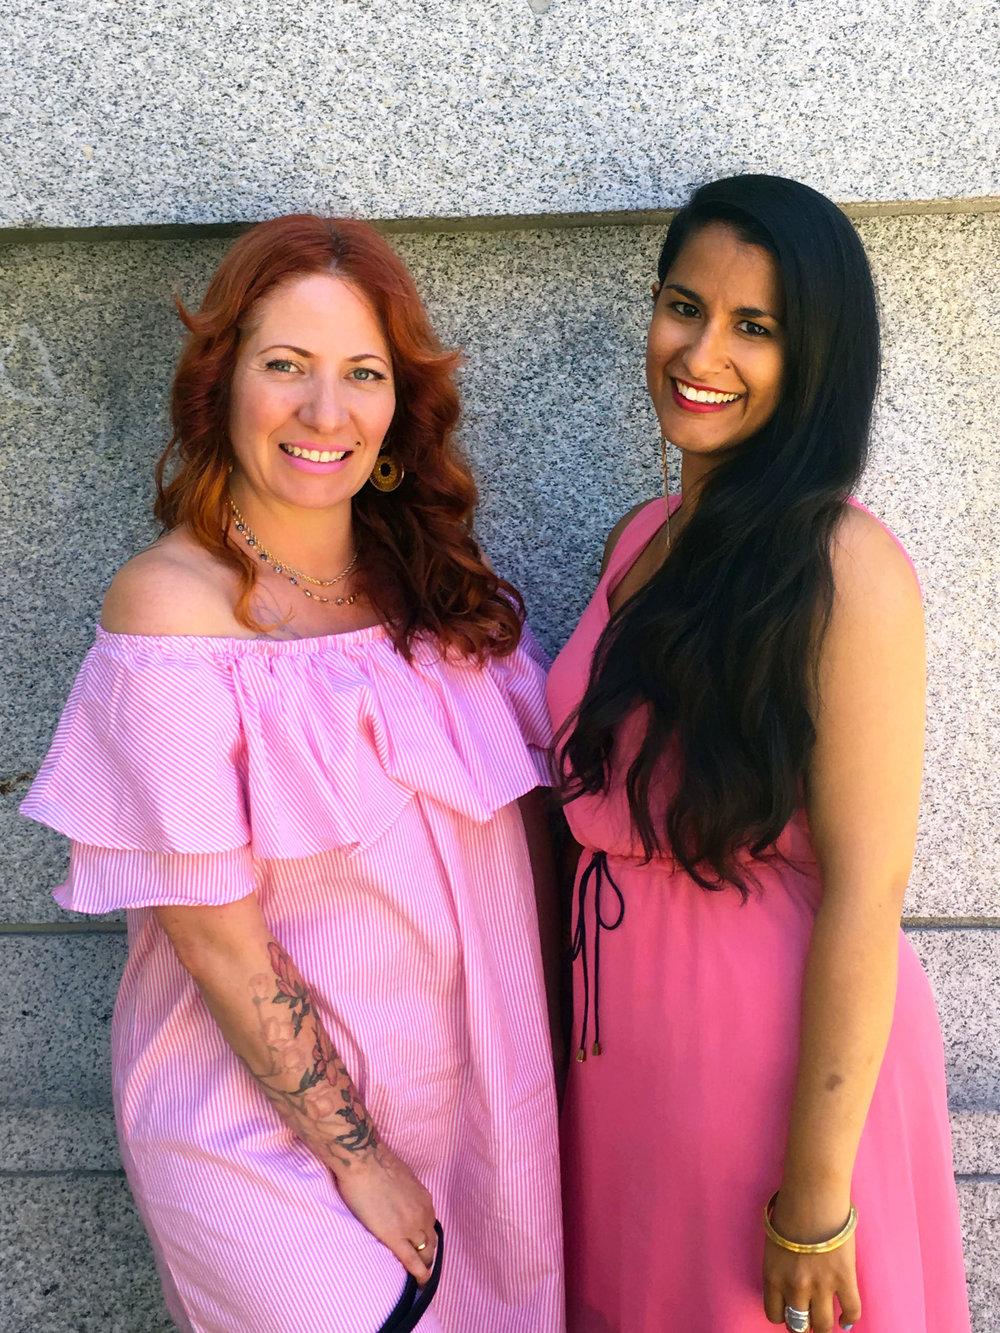 VQFF Artistic Directors Amber Dawn and Anoushka Ratnarajah